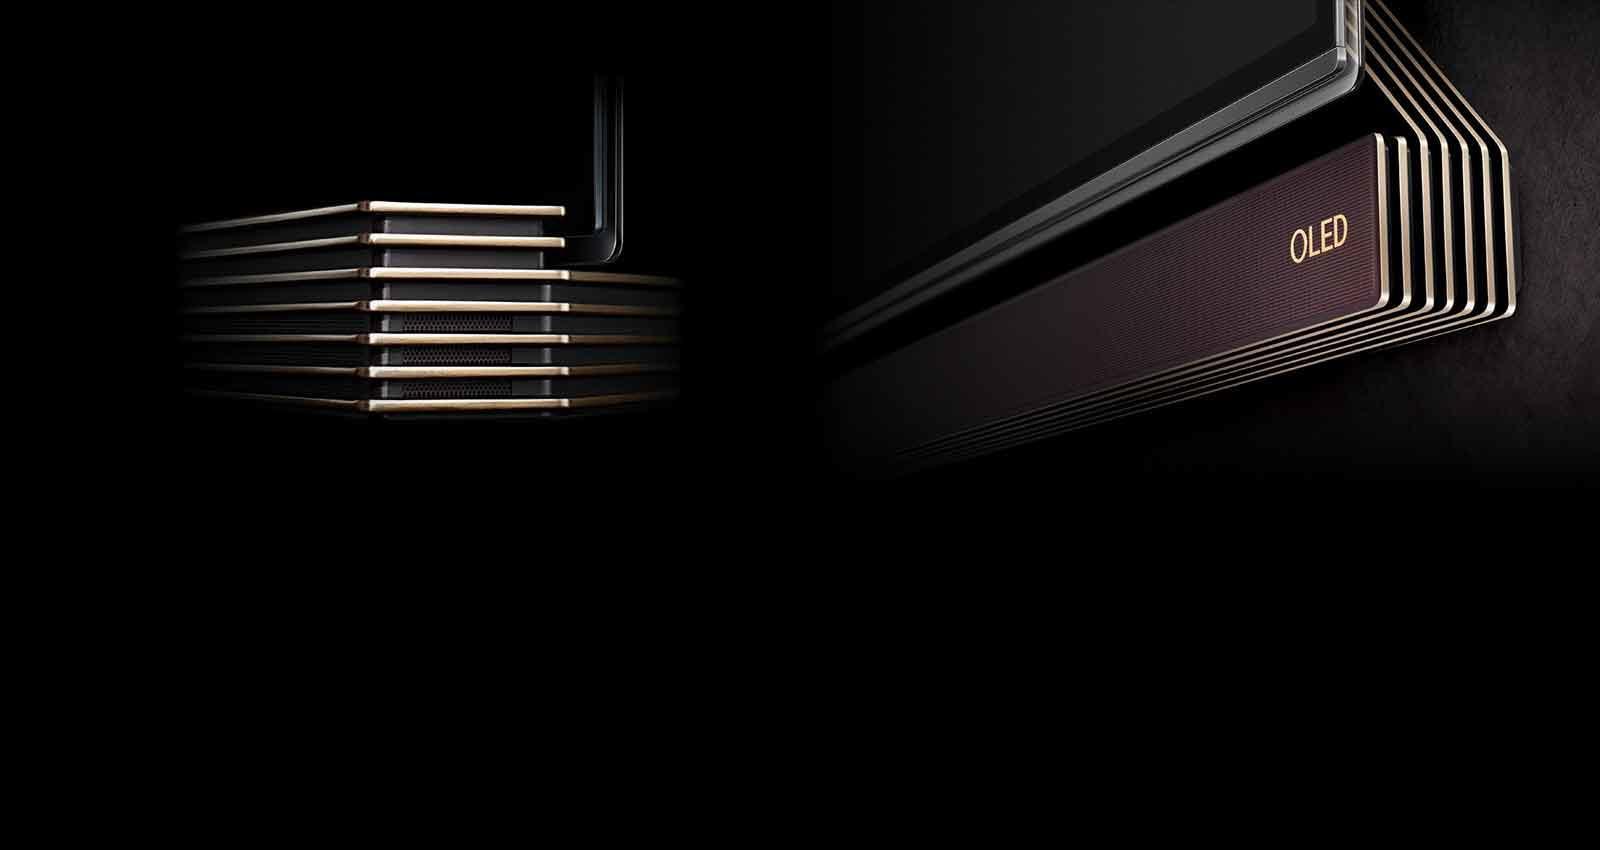 lg oled65g6v oled65g6v lg 4k hdr ultra hd oled tv. Black Bedroom Furniture Sets. Home Design Ideas